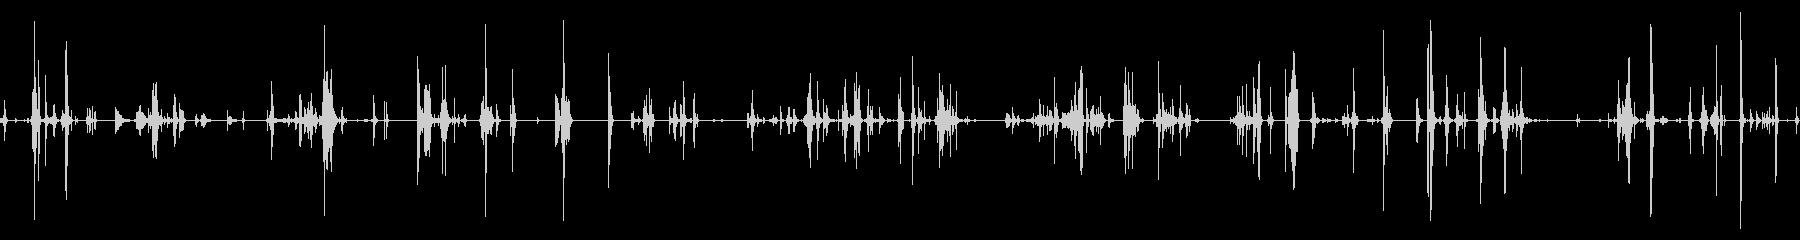 ツールボックスのさまざまな動きツー...の未再生の波形